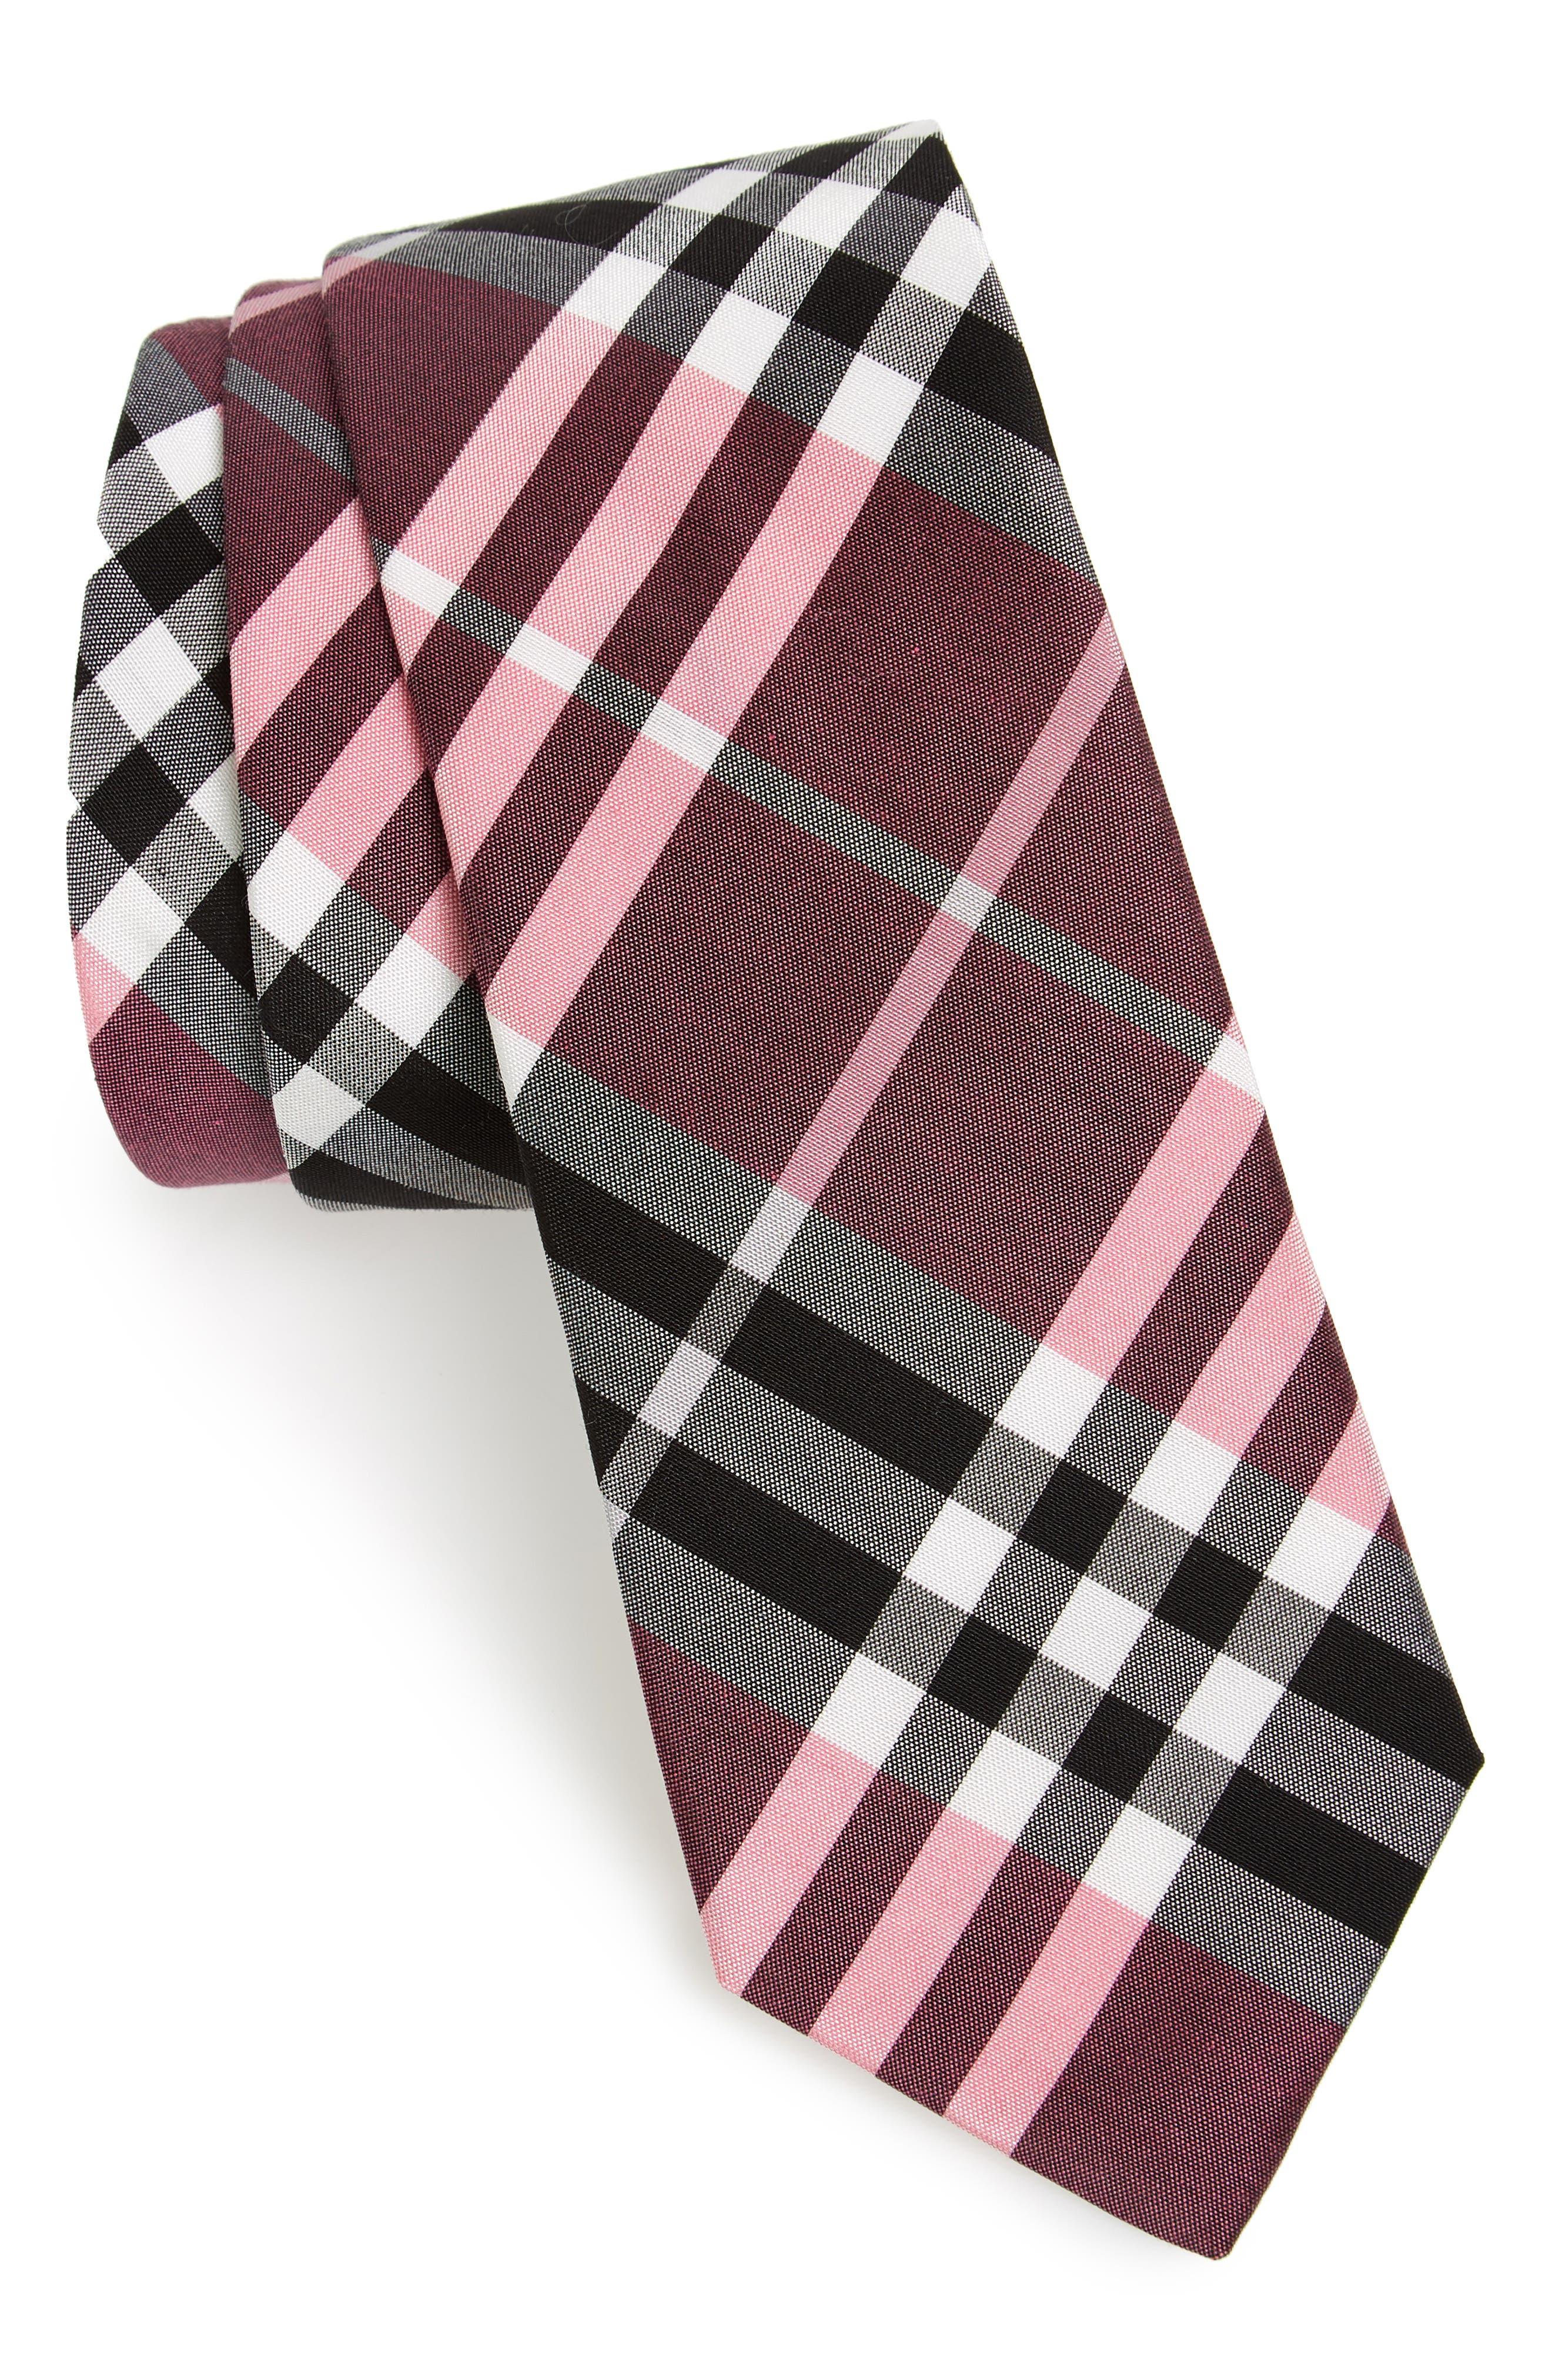 Burberry Manston Check Cotton & Silk Blend Tie